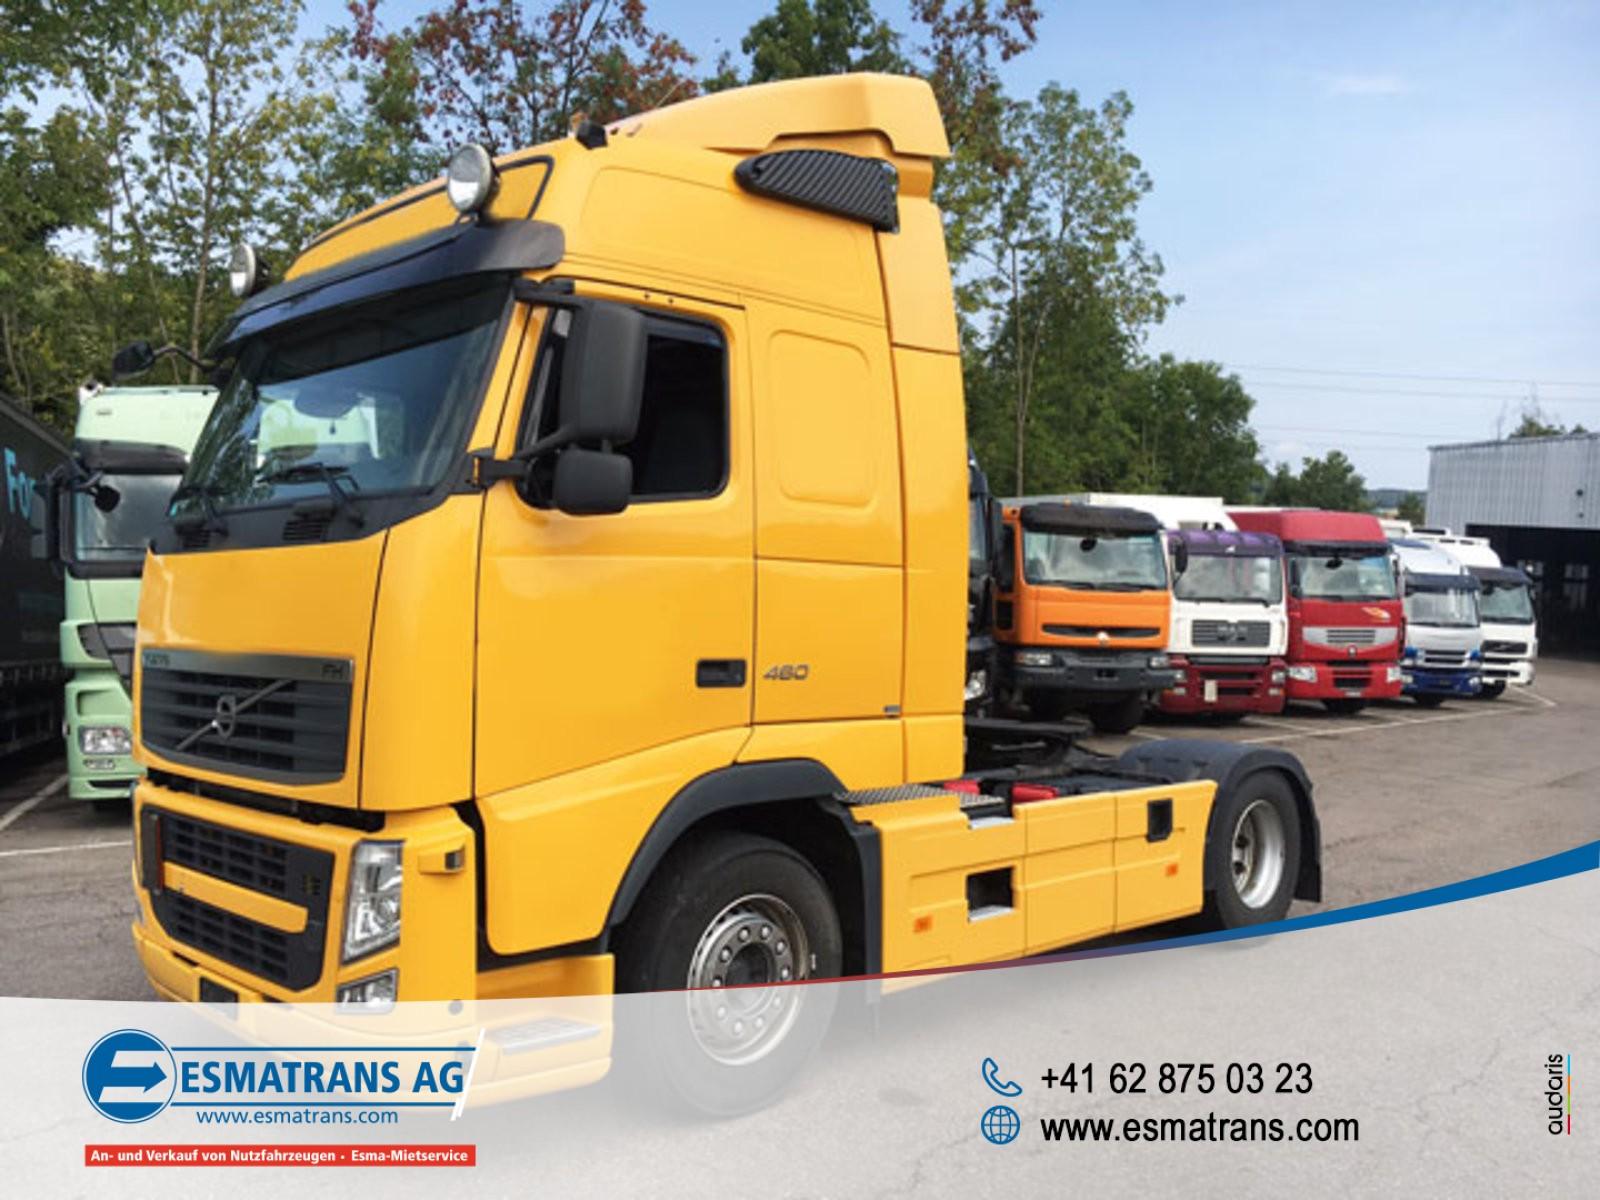 FRAN6306_882772 vehicle image